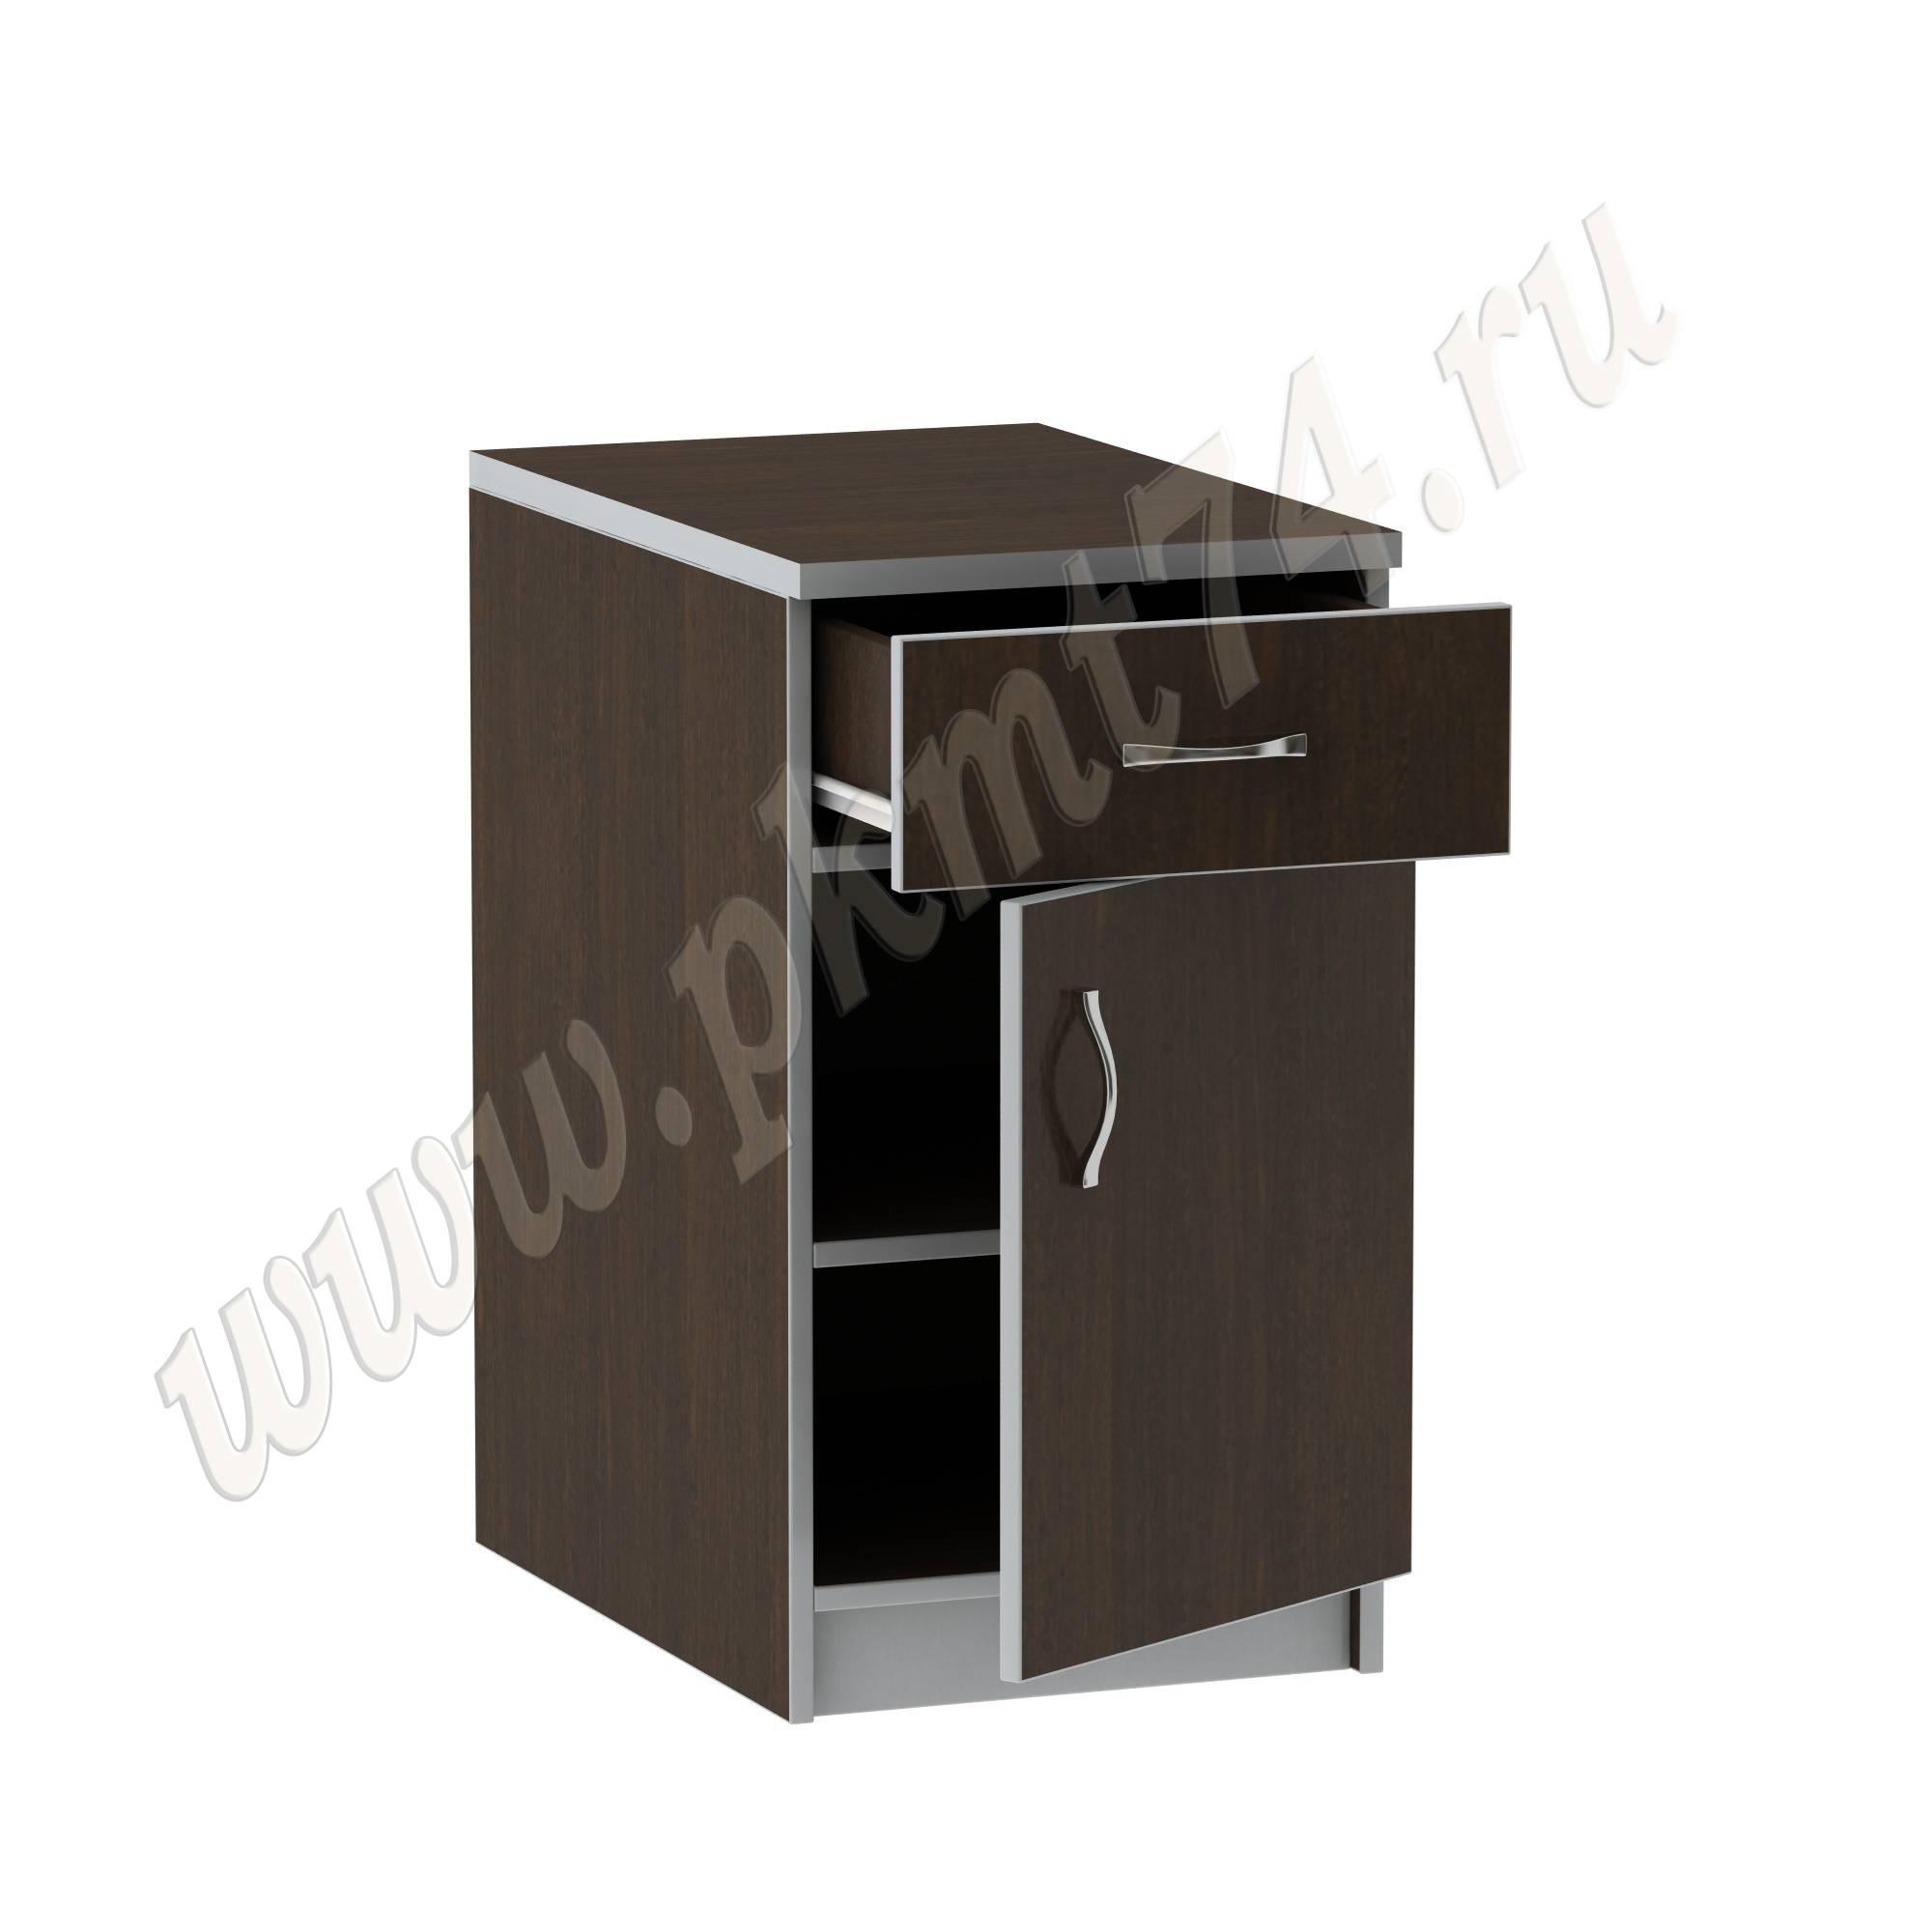 Тумба стационарная офисная с ящиком [Стандартный цвет:: Орех; Цвета ЛДСП на выбор:: Венге-Алюминий]